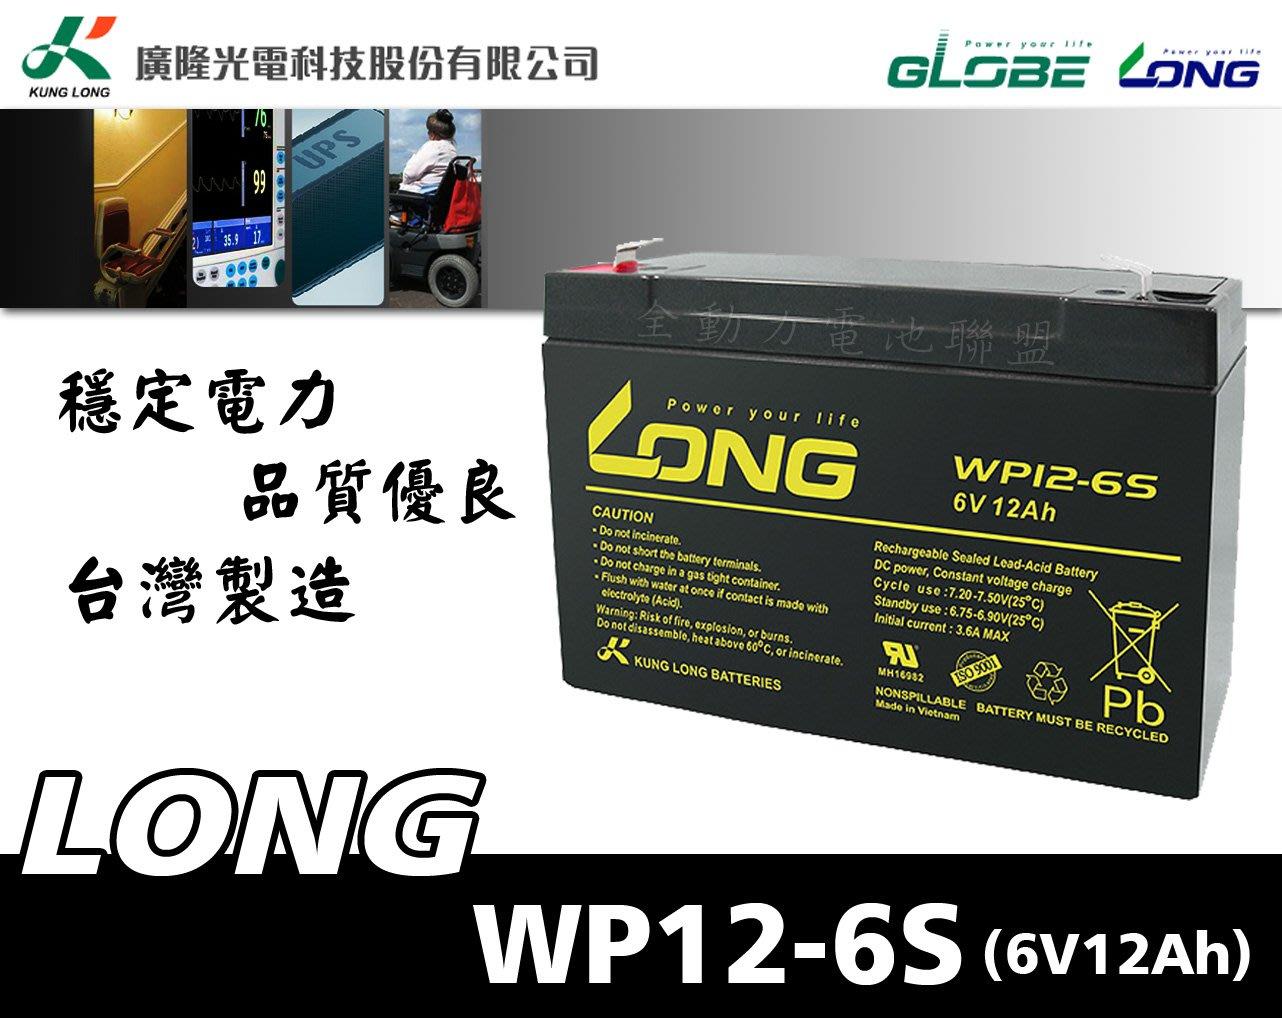 LONG 廣隆 完全密閉式鉛酸電池 WP12-6S (6V12Ah) 同NP12-6 適用兒童電動車 緊急照明燈 手電筒